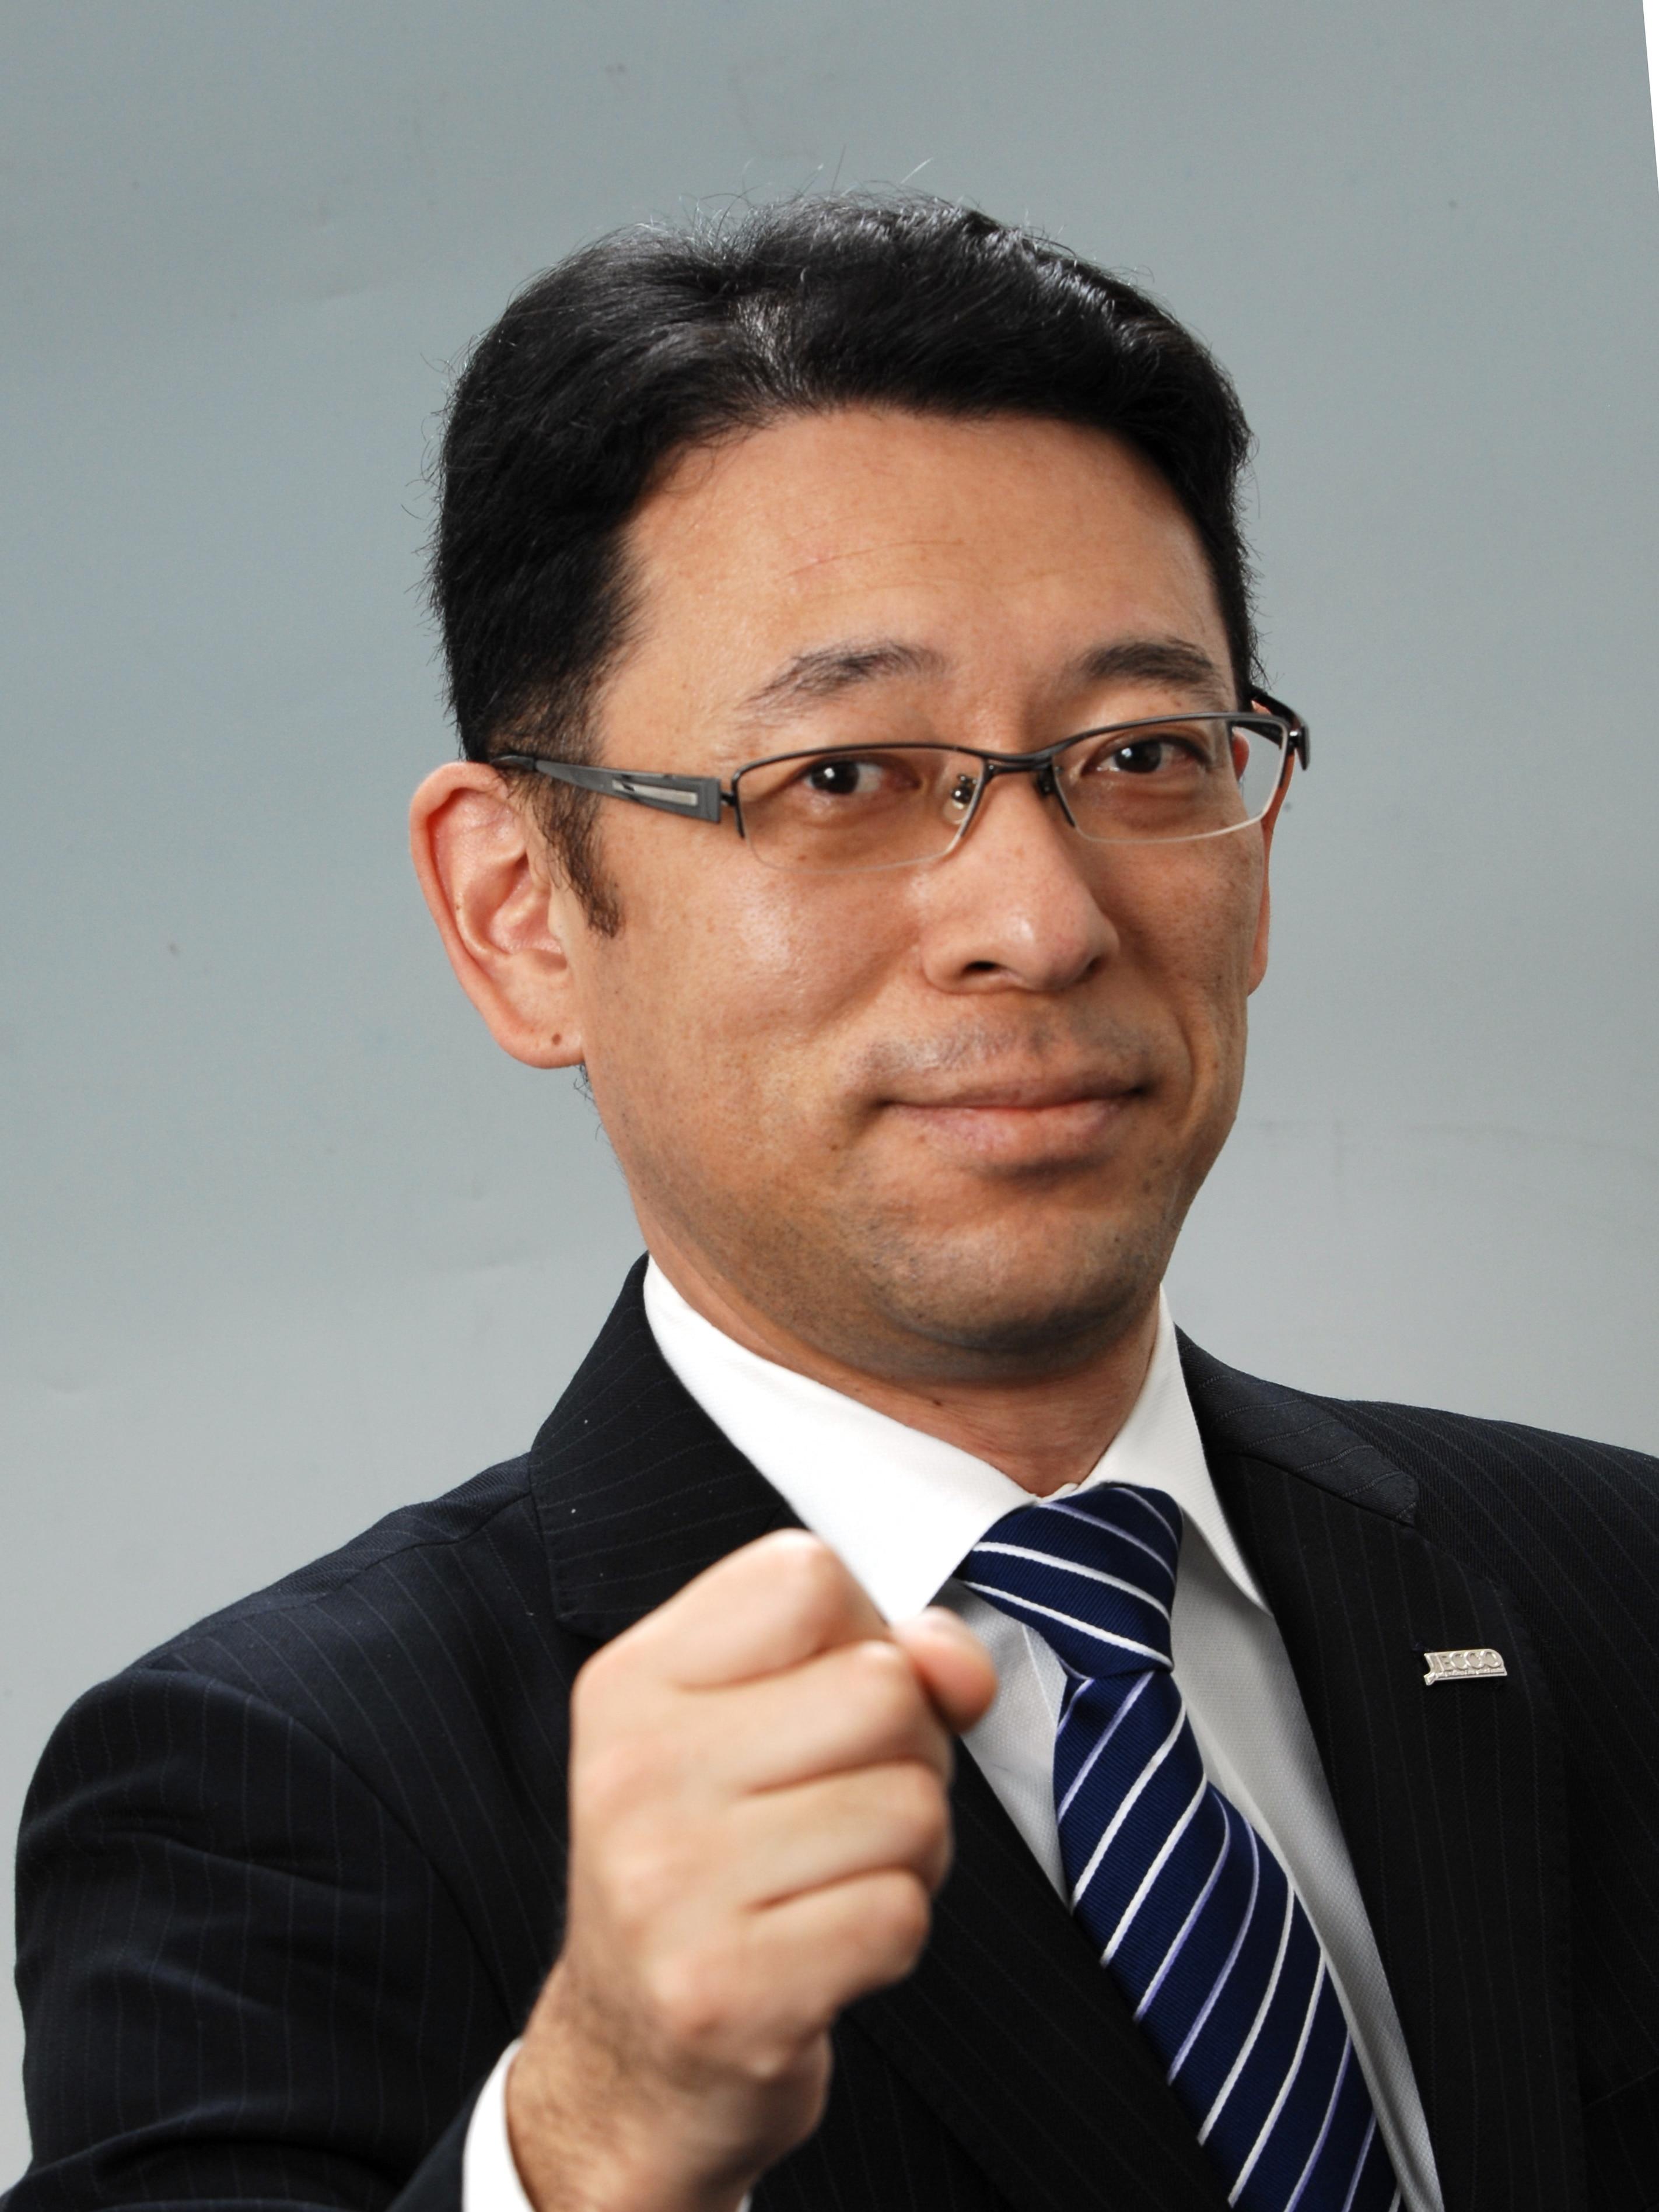 Matsui/JECC